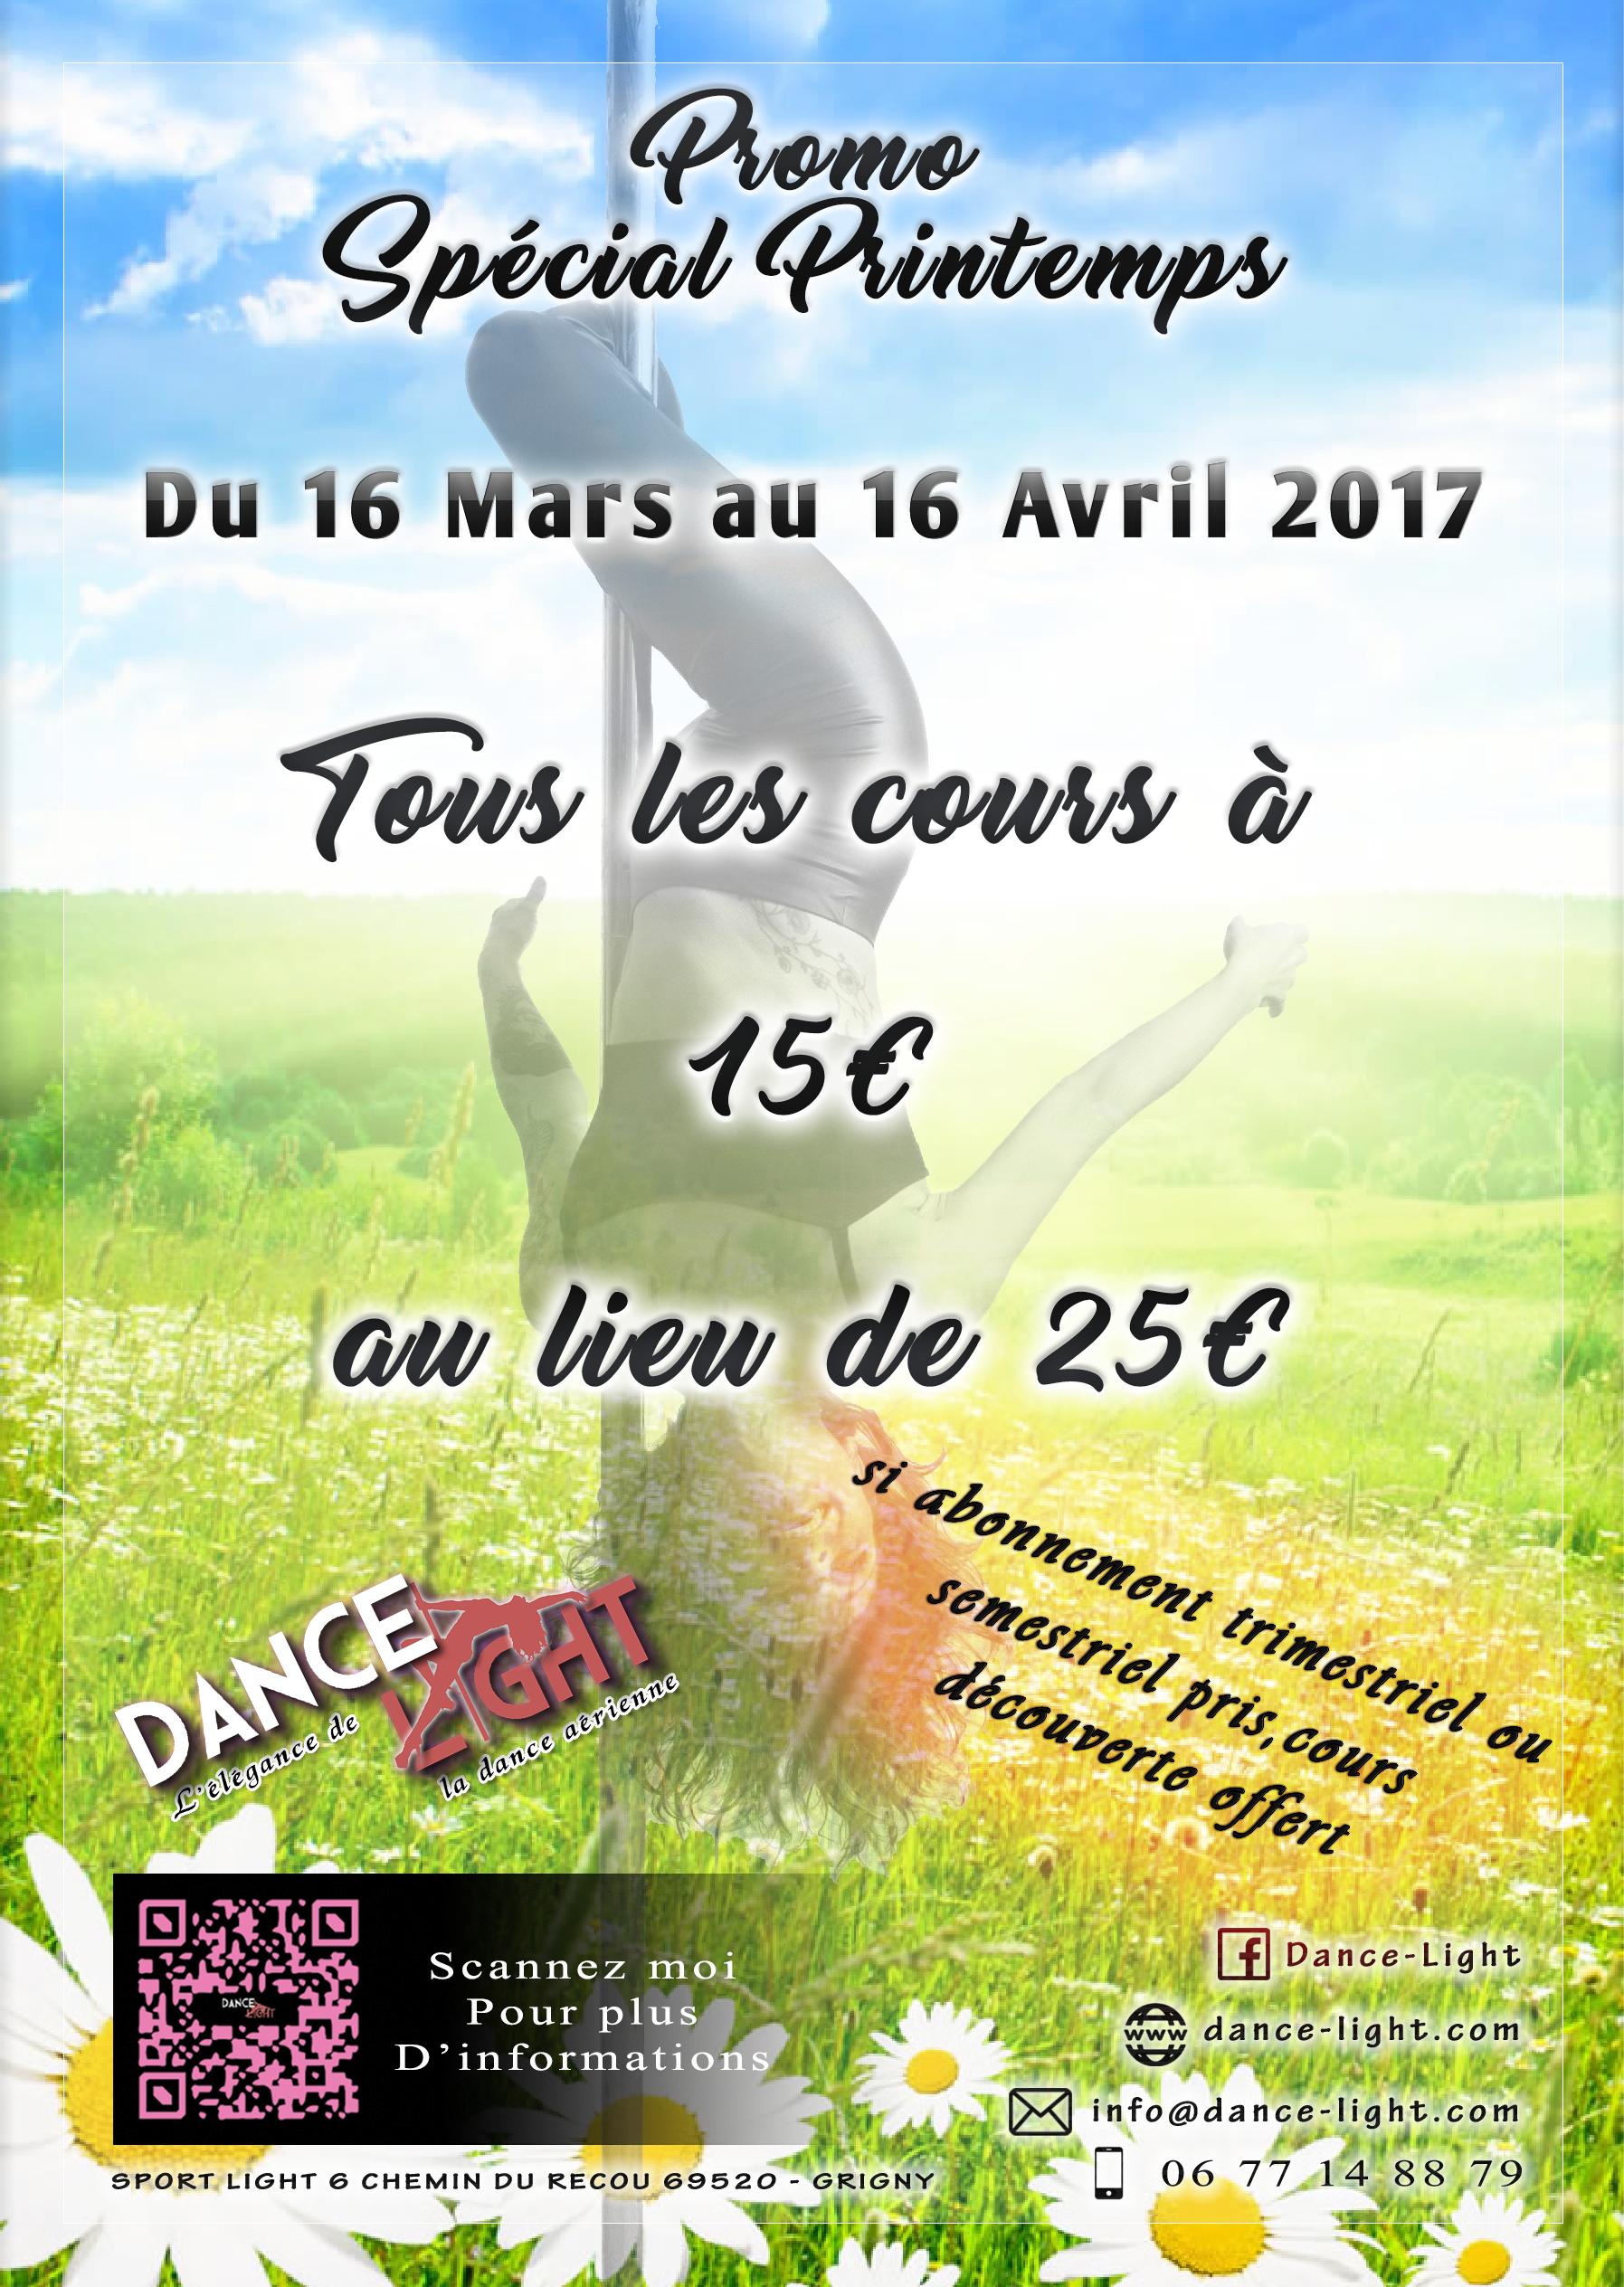 Promo printemps 2017